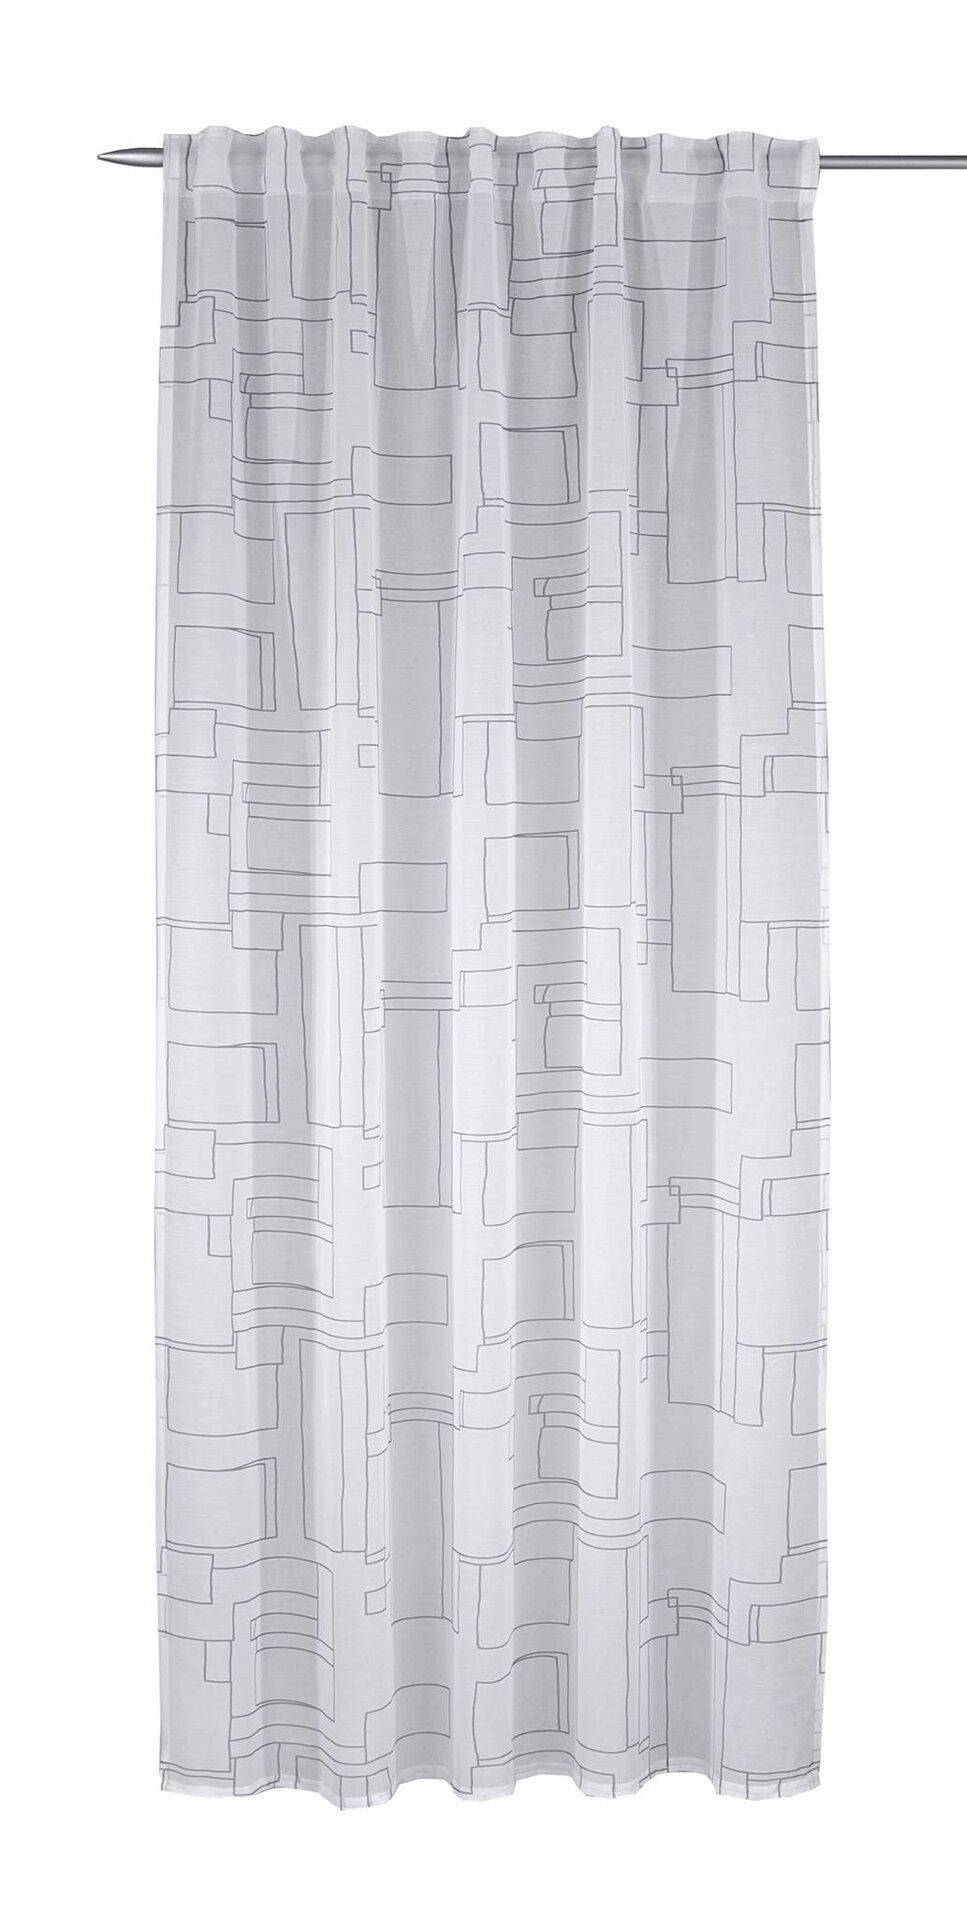 Schlaufenschal Hugo Albani Textil grau 135 x 245 cm